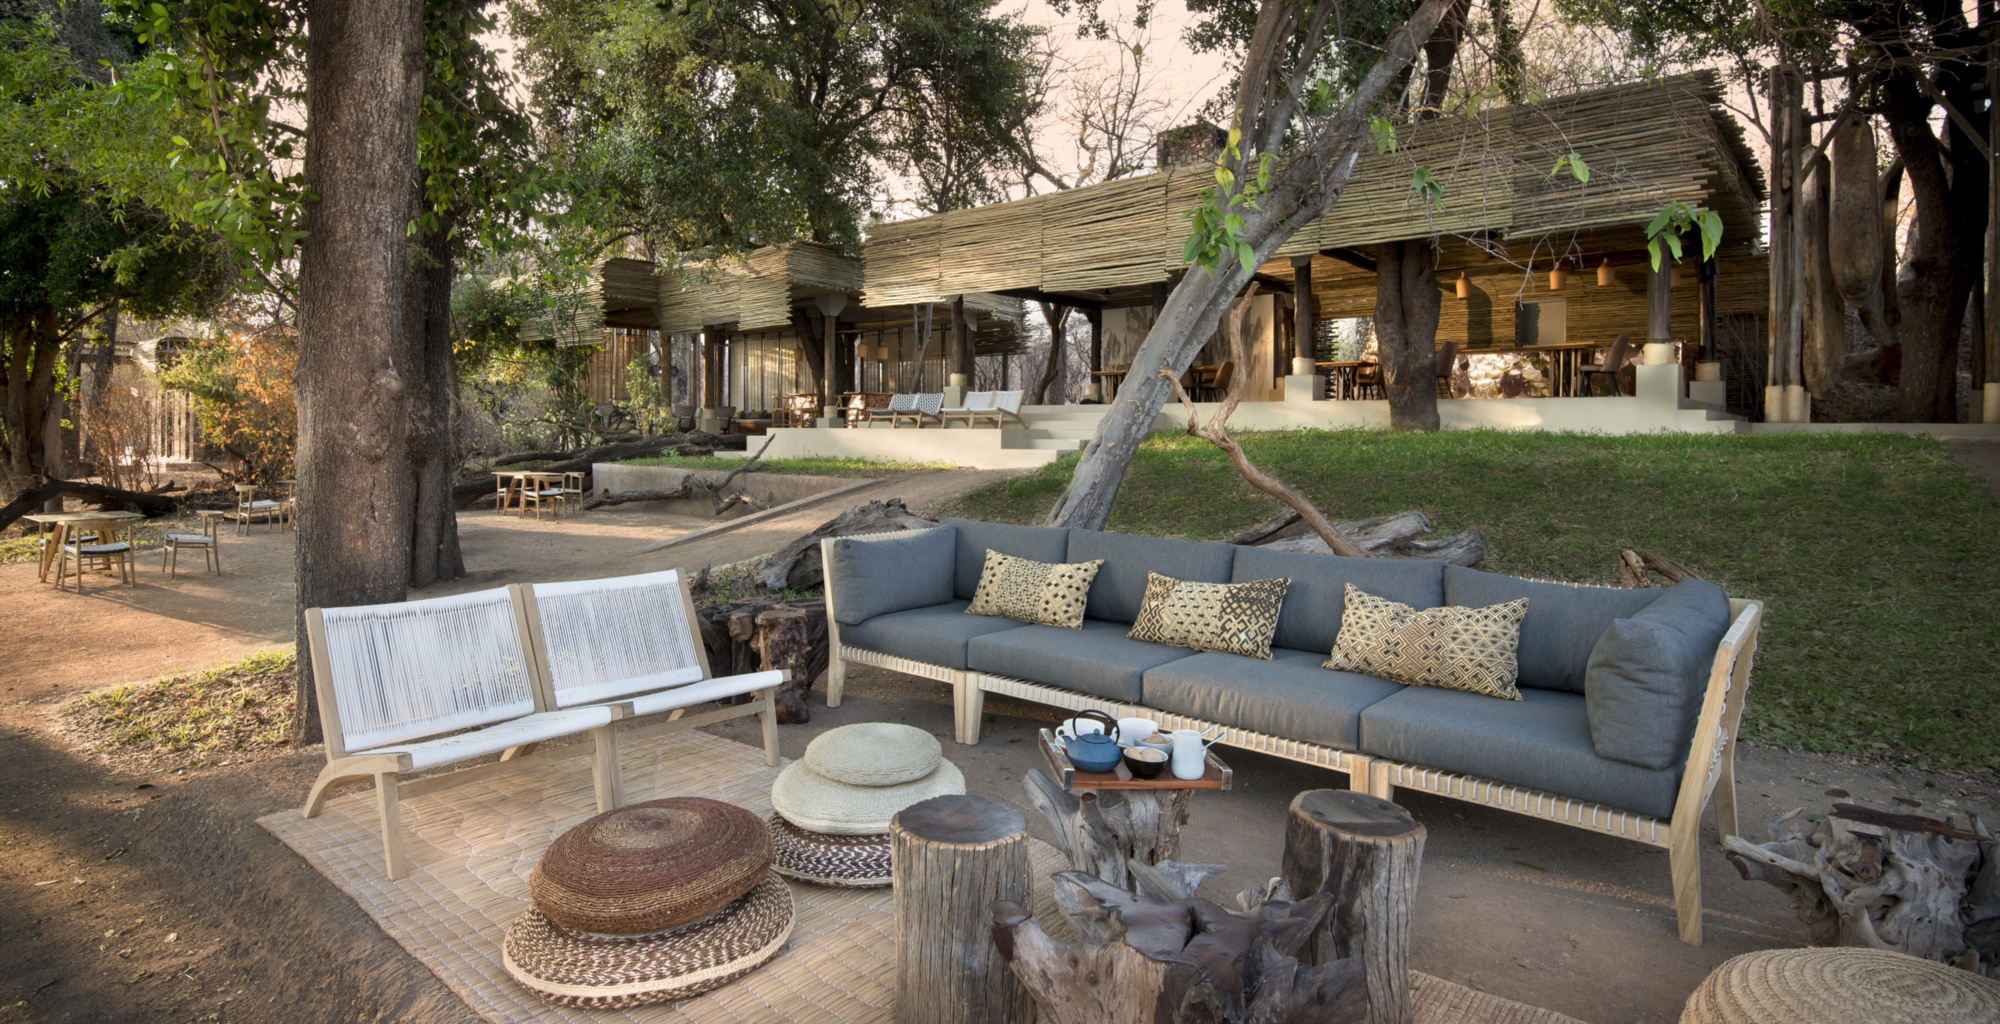 Zimbabwe-andBeyond-Matetsi-River-Lodge-Outdoor-Lounge